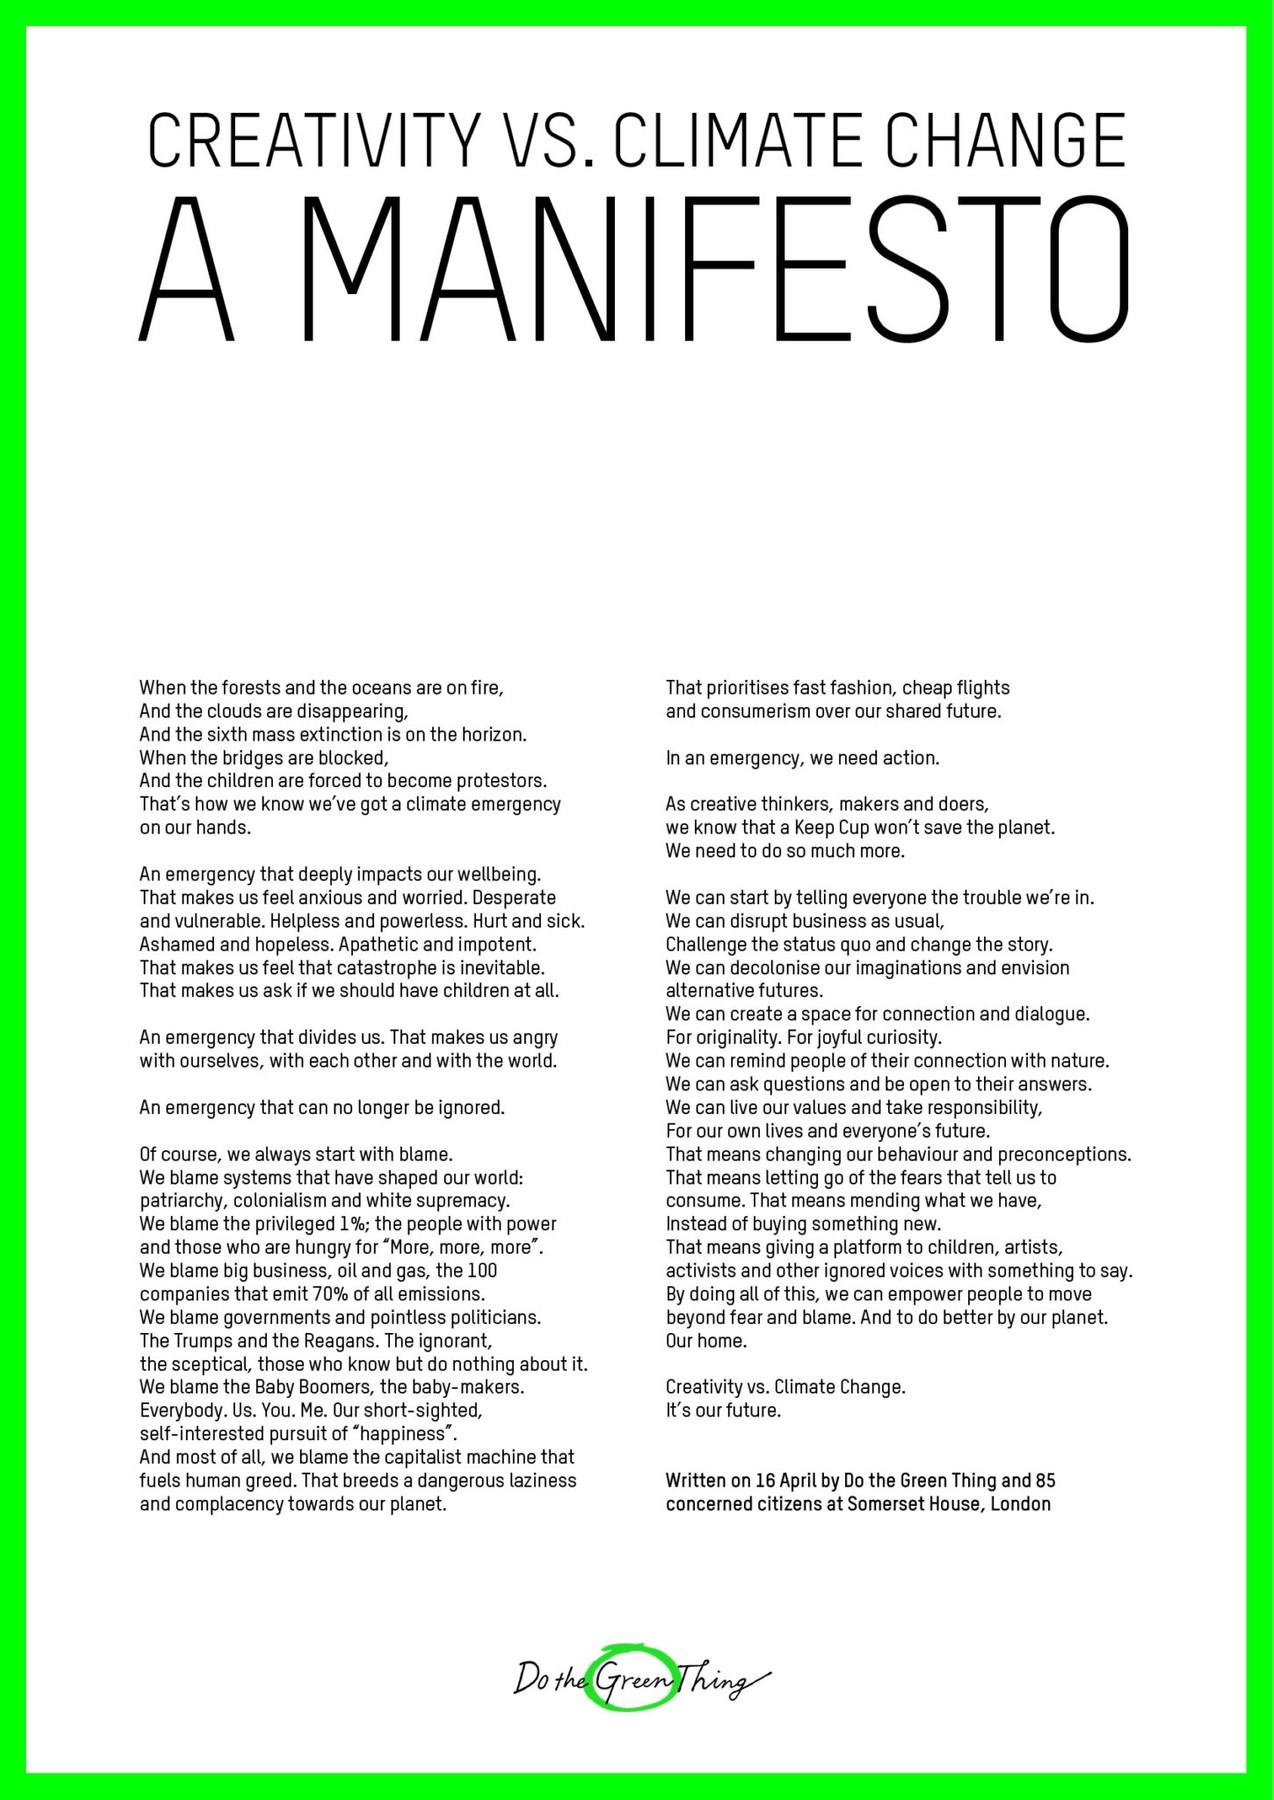 dtgt_manifesto_a1-2.jpg